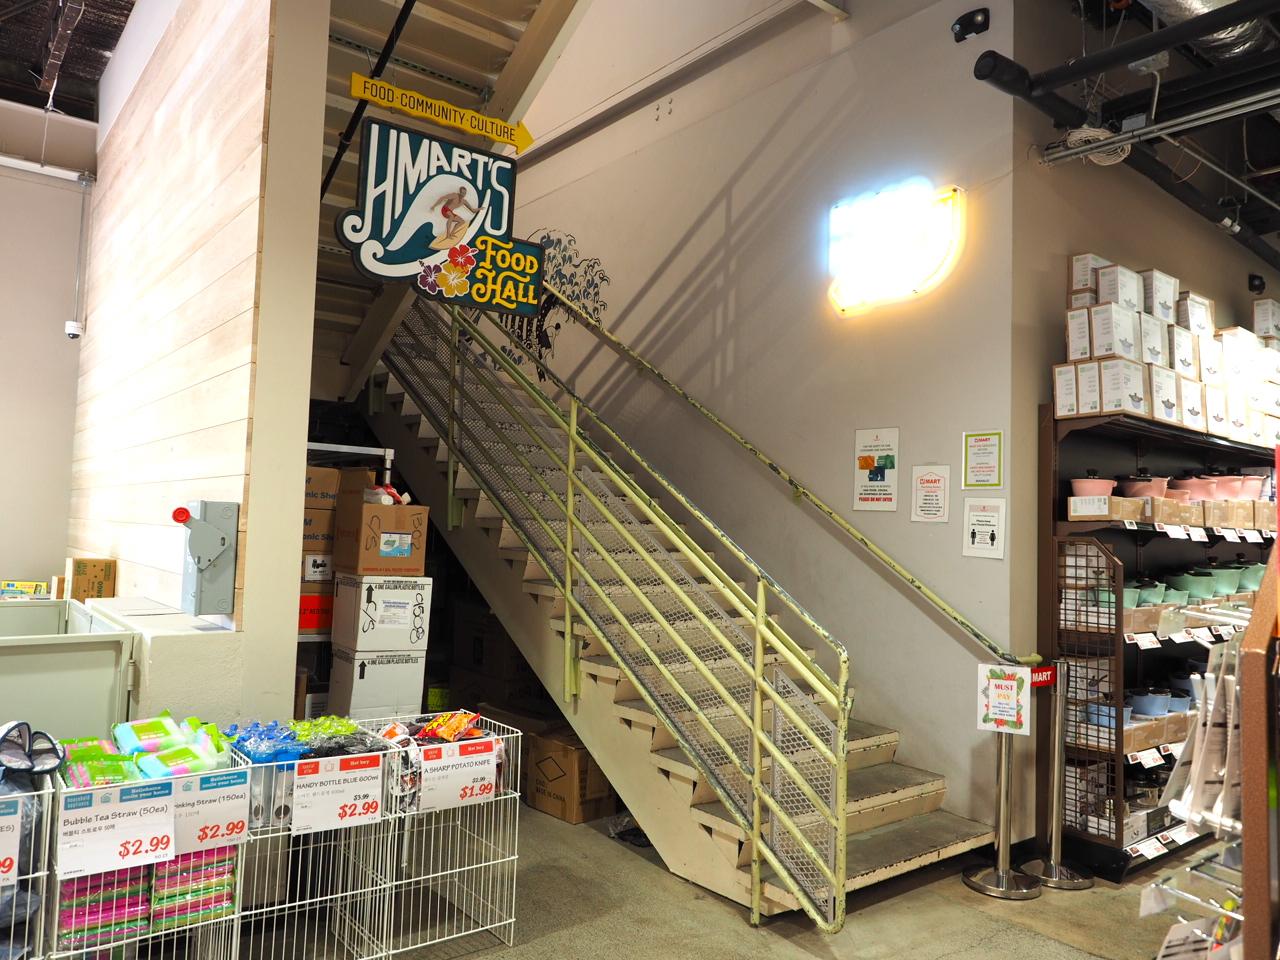 Hマート フードホールへの階段